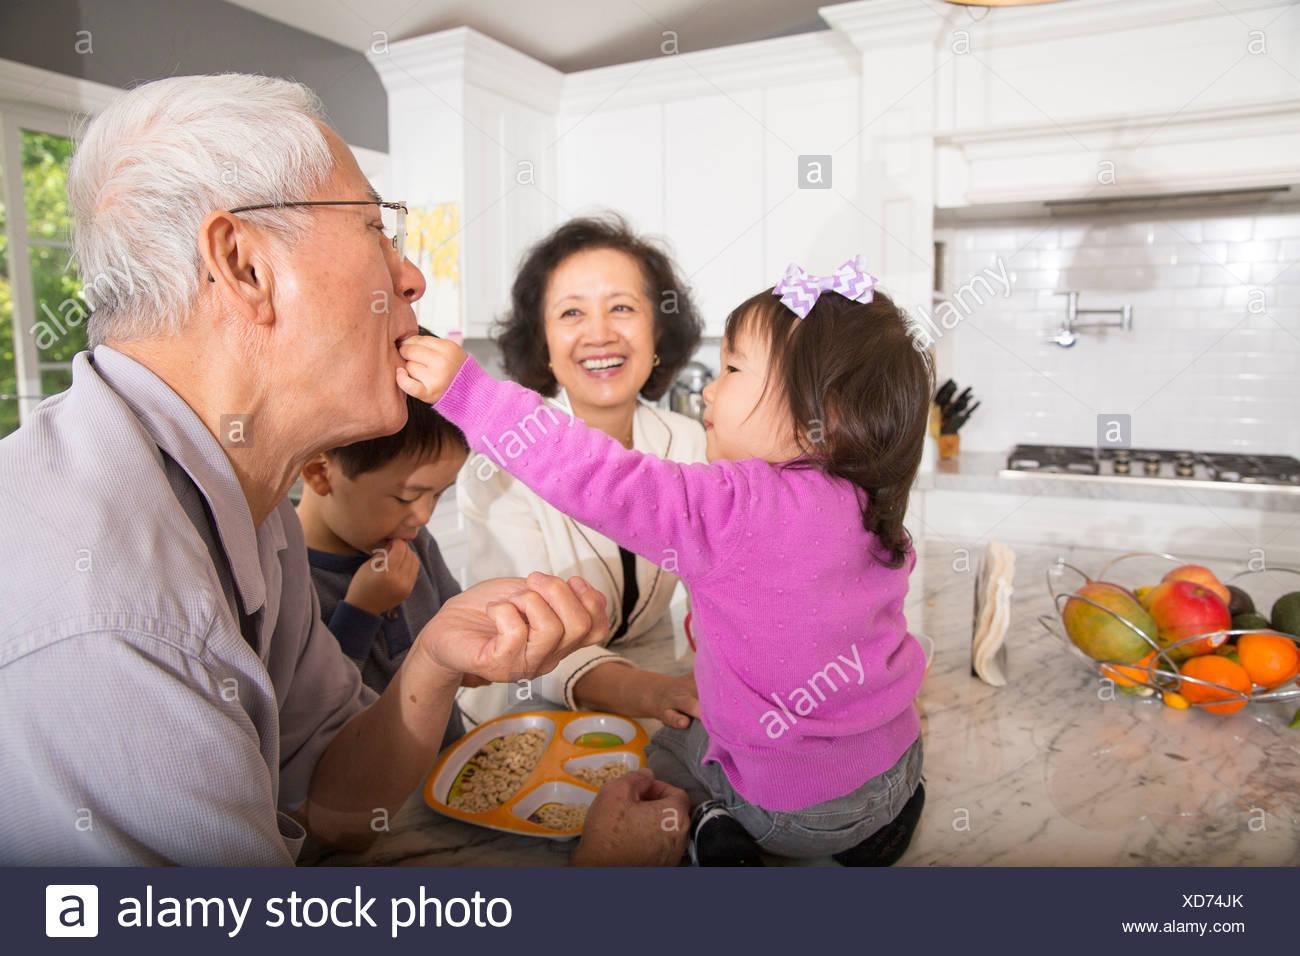 Weiblichen Kleinkind füttern Snack Großvater in Küche Stockbild